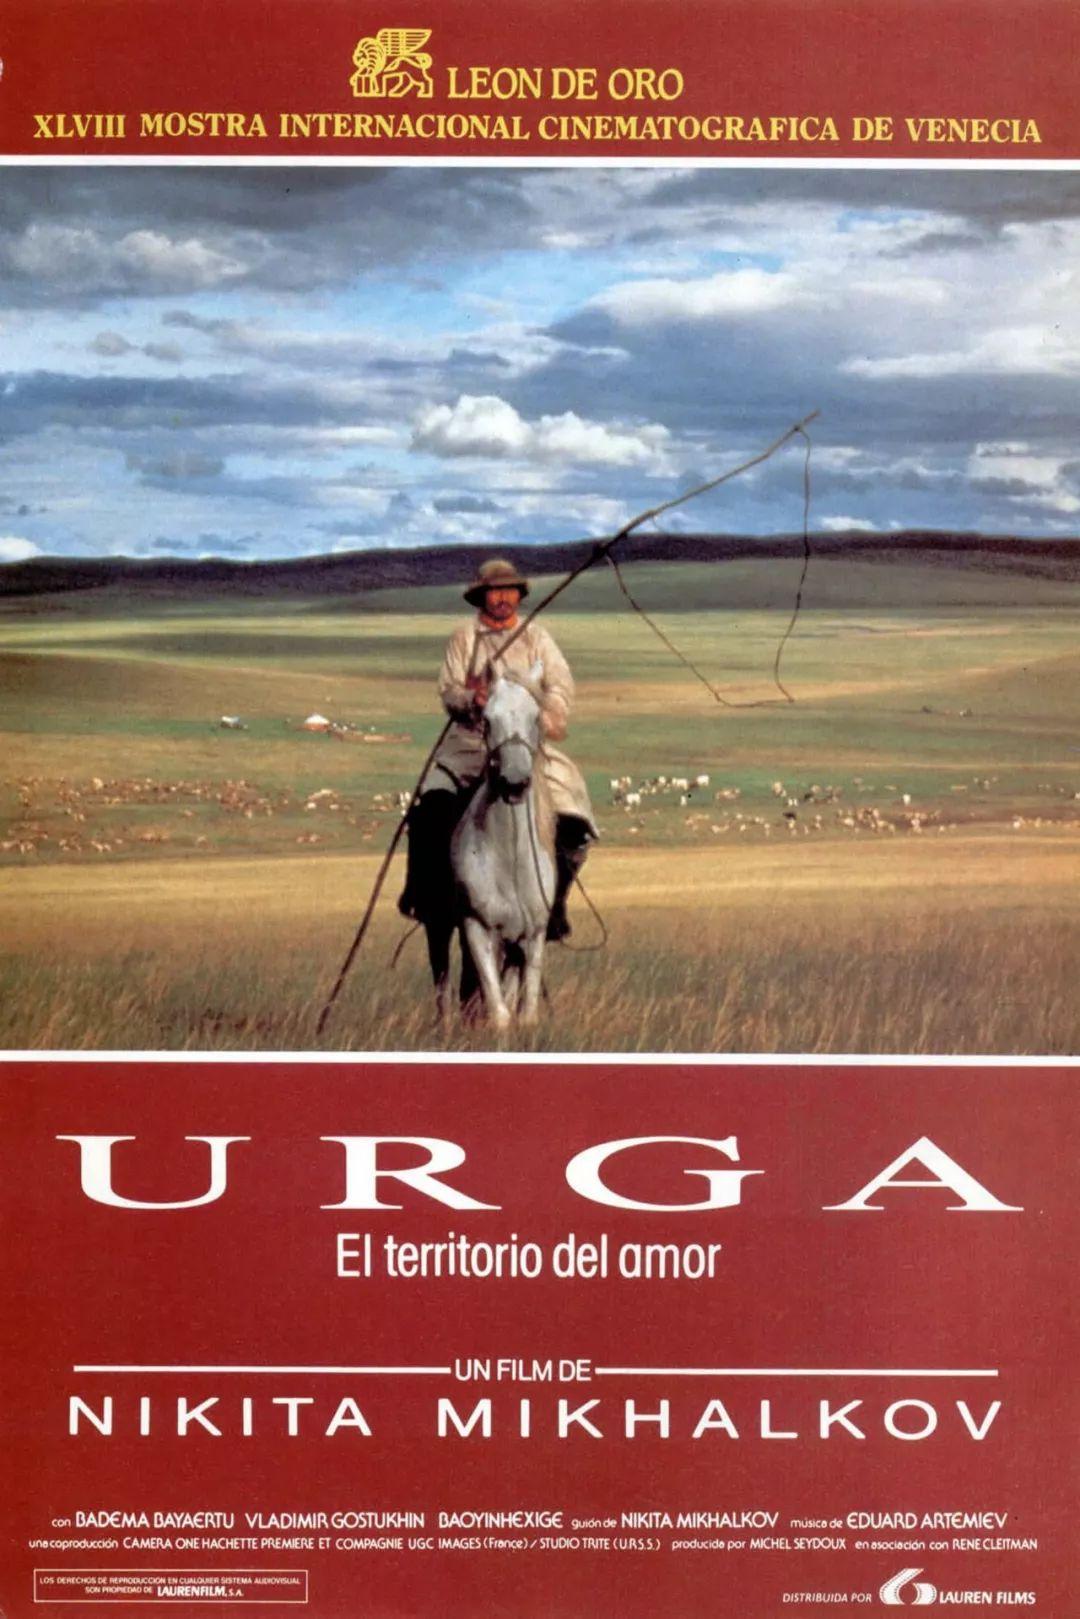 60部蒙古电影 部部都值得看 第104张 60部蒙古电影 部部都值得看 蒙古音乐